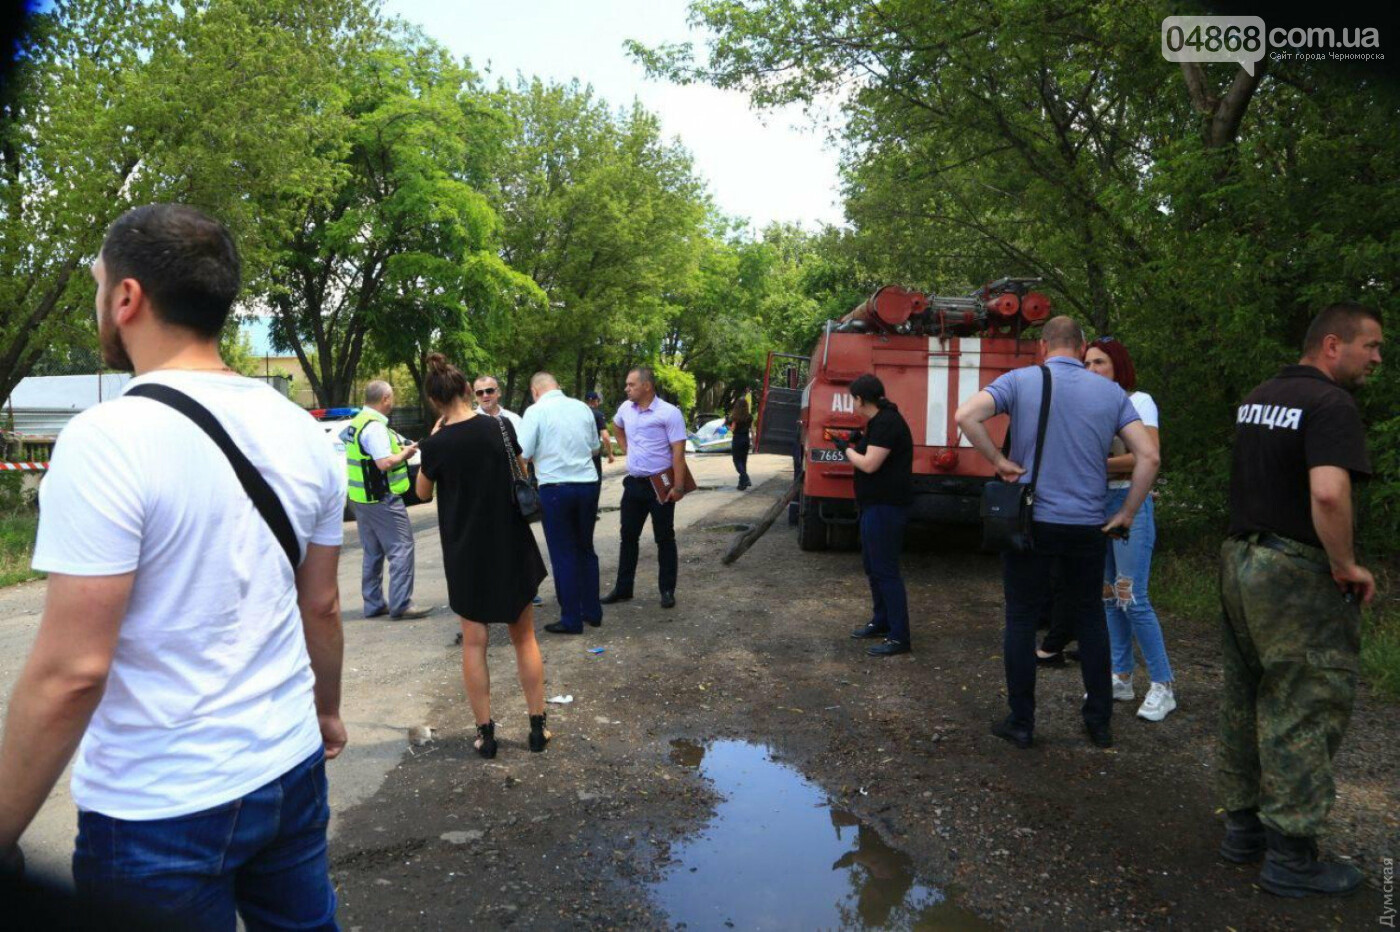 Смертельное ЧП: в Одессе разбился самолет авиазавода (обновлено), фото-6